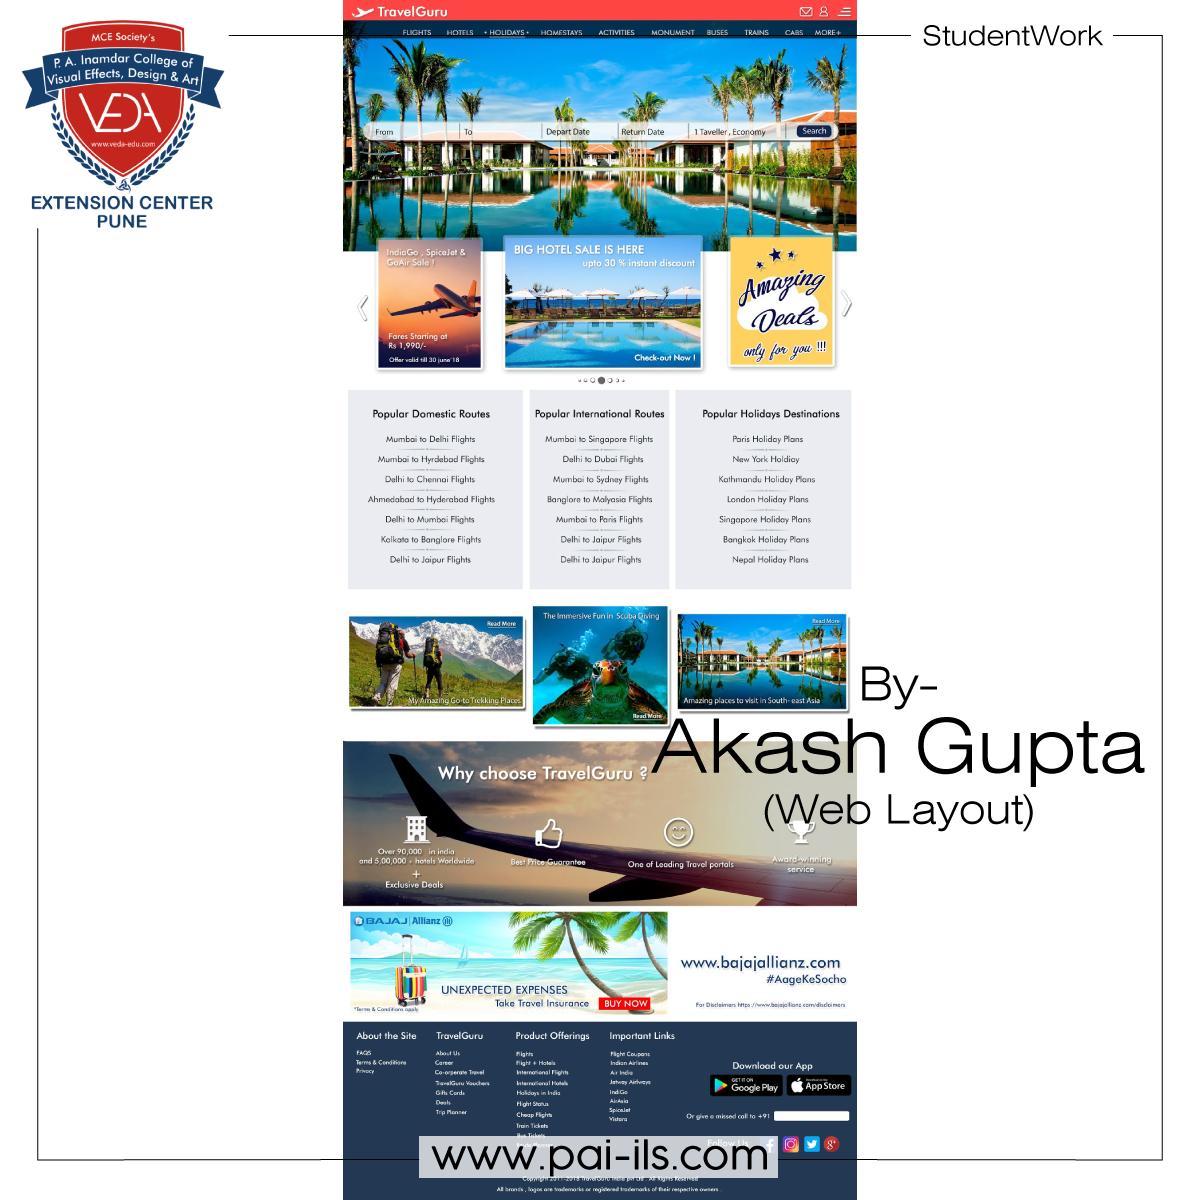 Akash-Gupta-(-Web-Layout-)-1